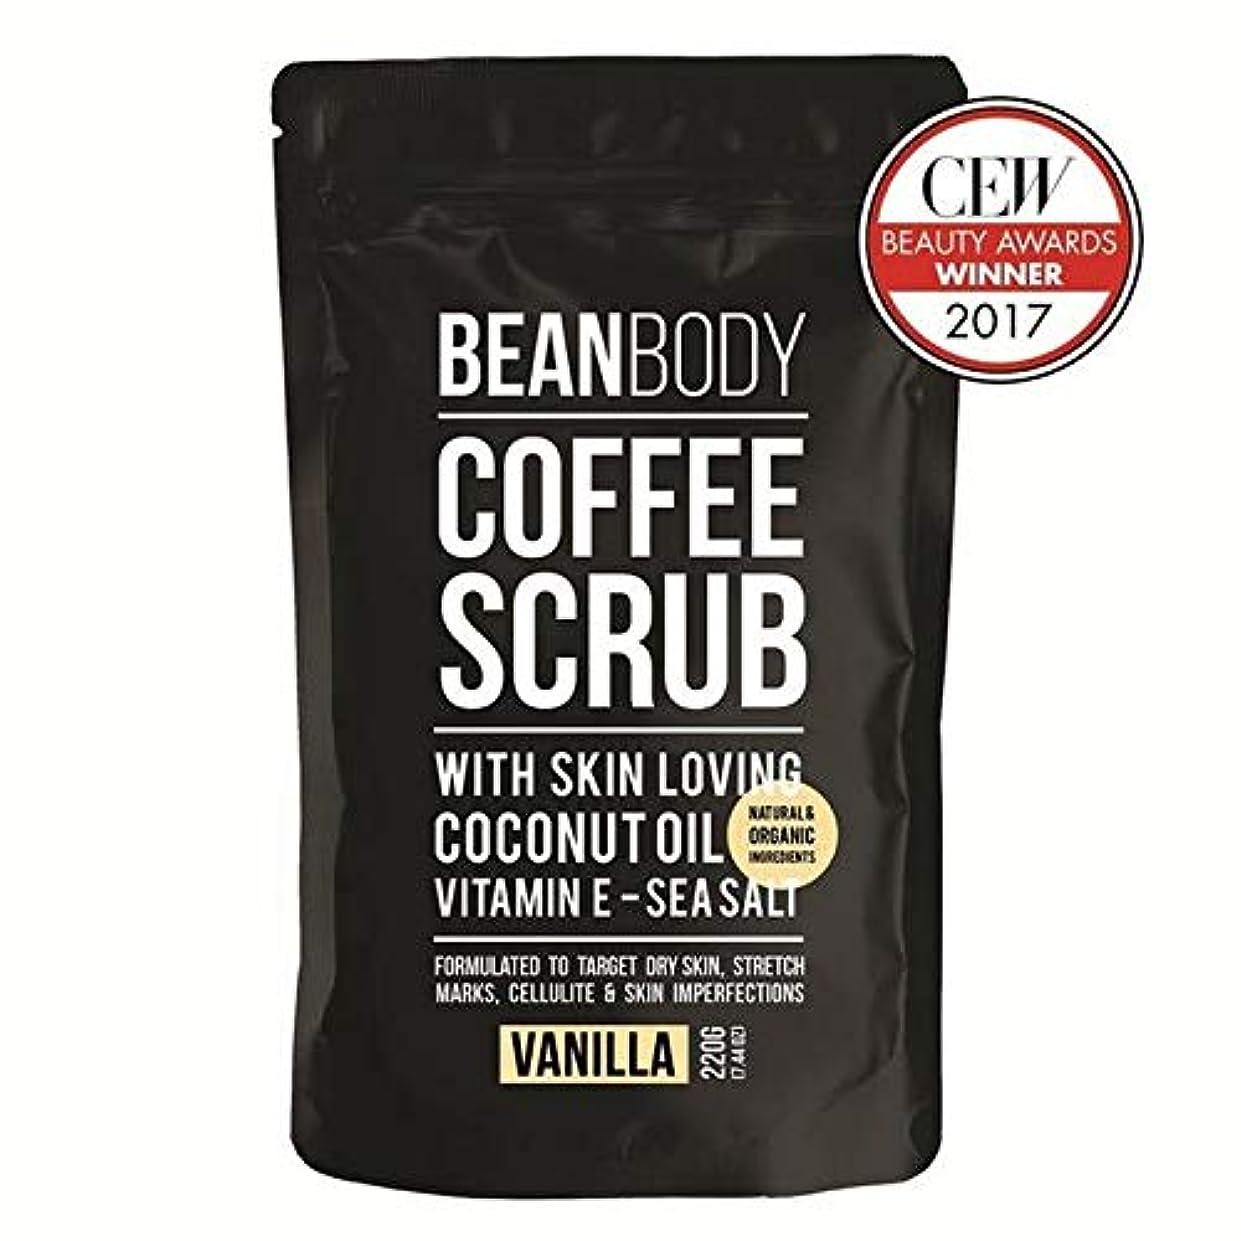 がんばり続けるマイル架空の[Bean Body ] 豆のボディスクラブコーヒー、バニラ220グラム - Bean Body Coffee Scrub, Vanilla 220g [並行輸入品]